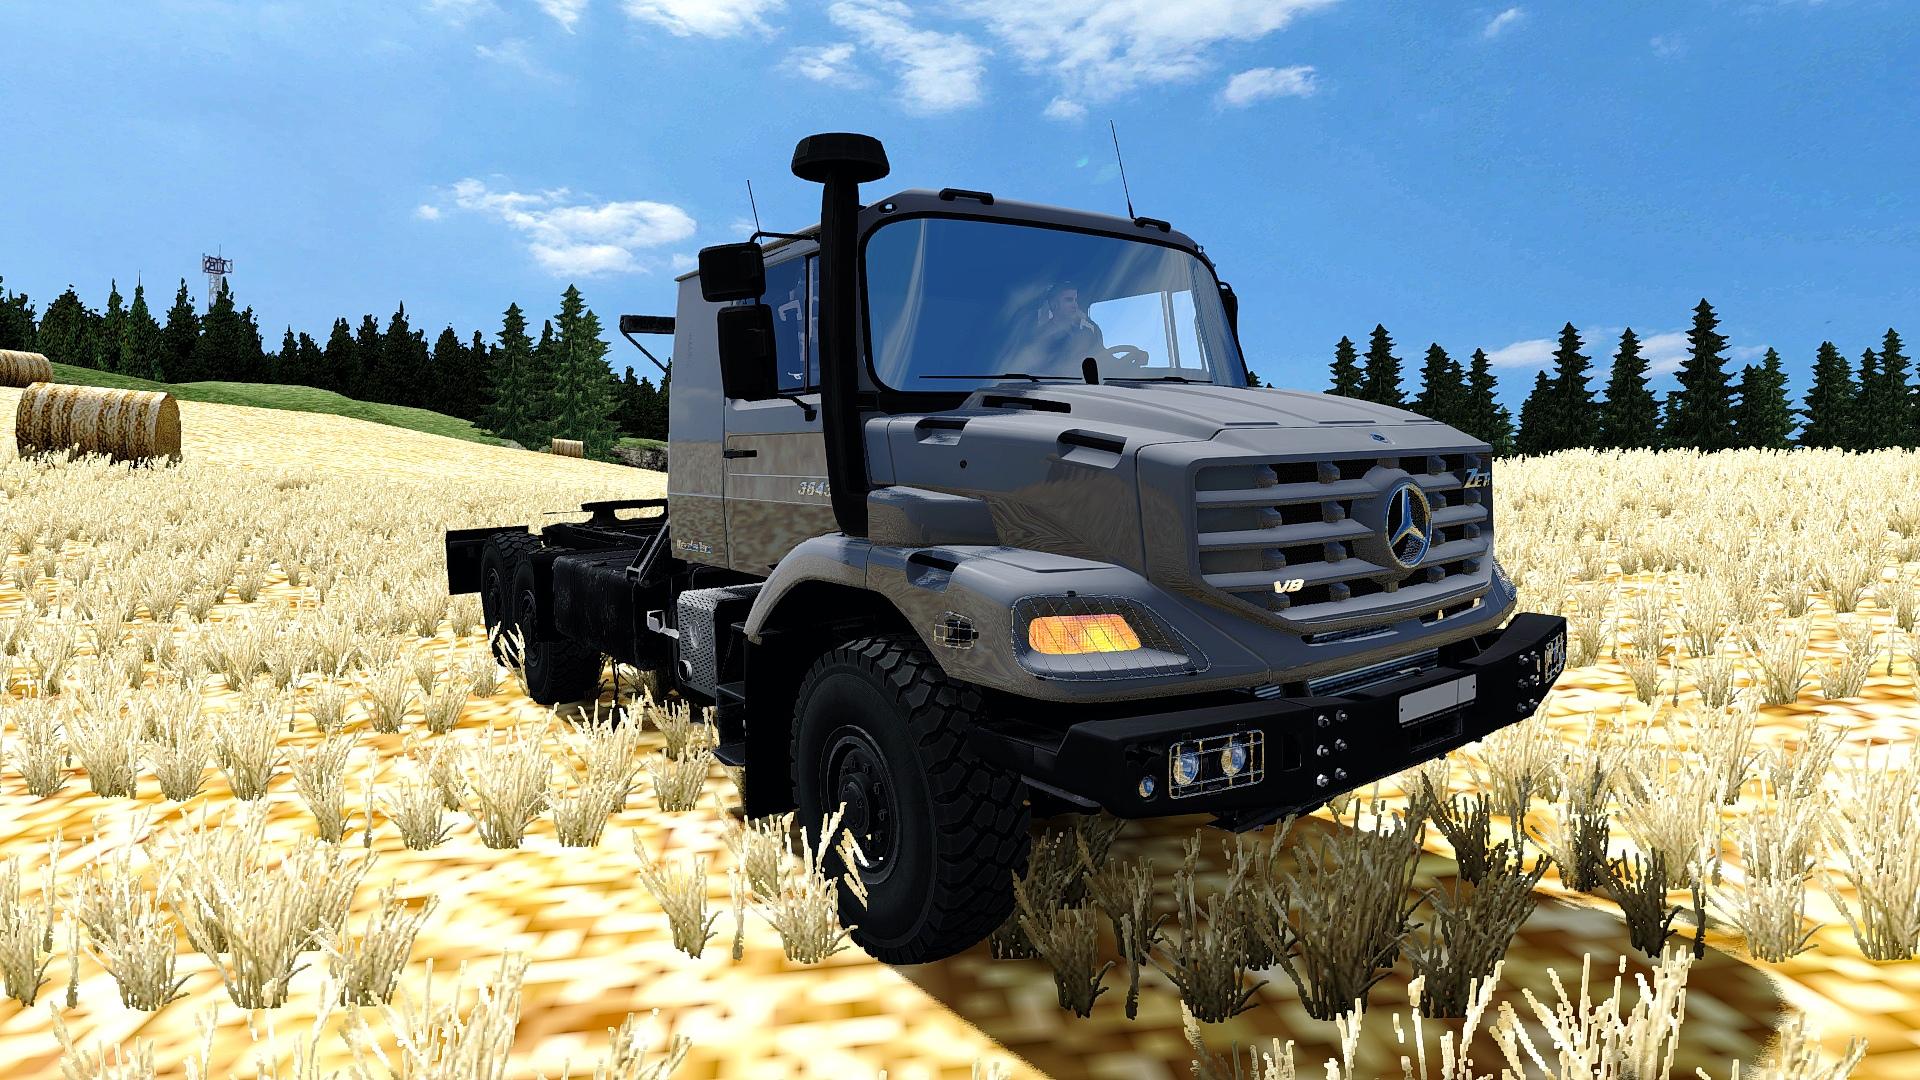 Xaxr2cCdAwg.jpg - Euro Truck Simulator 2